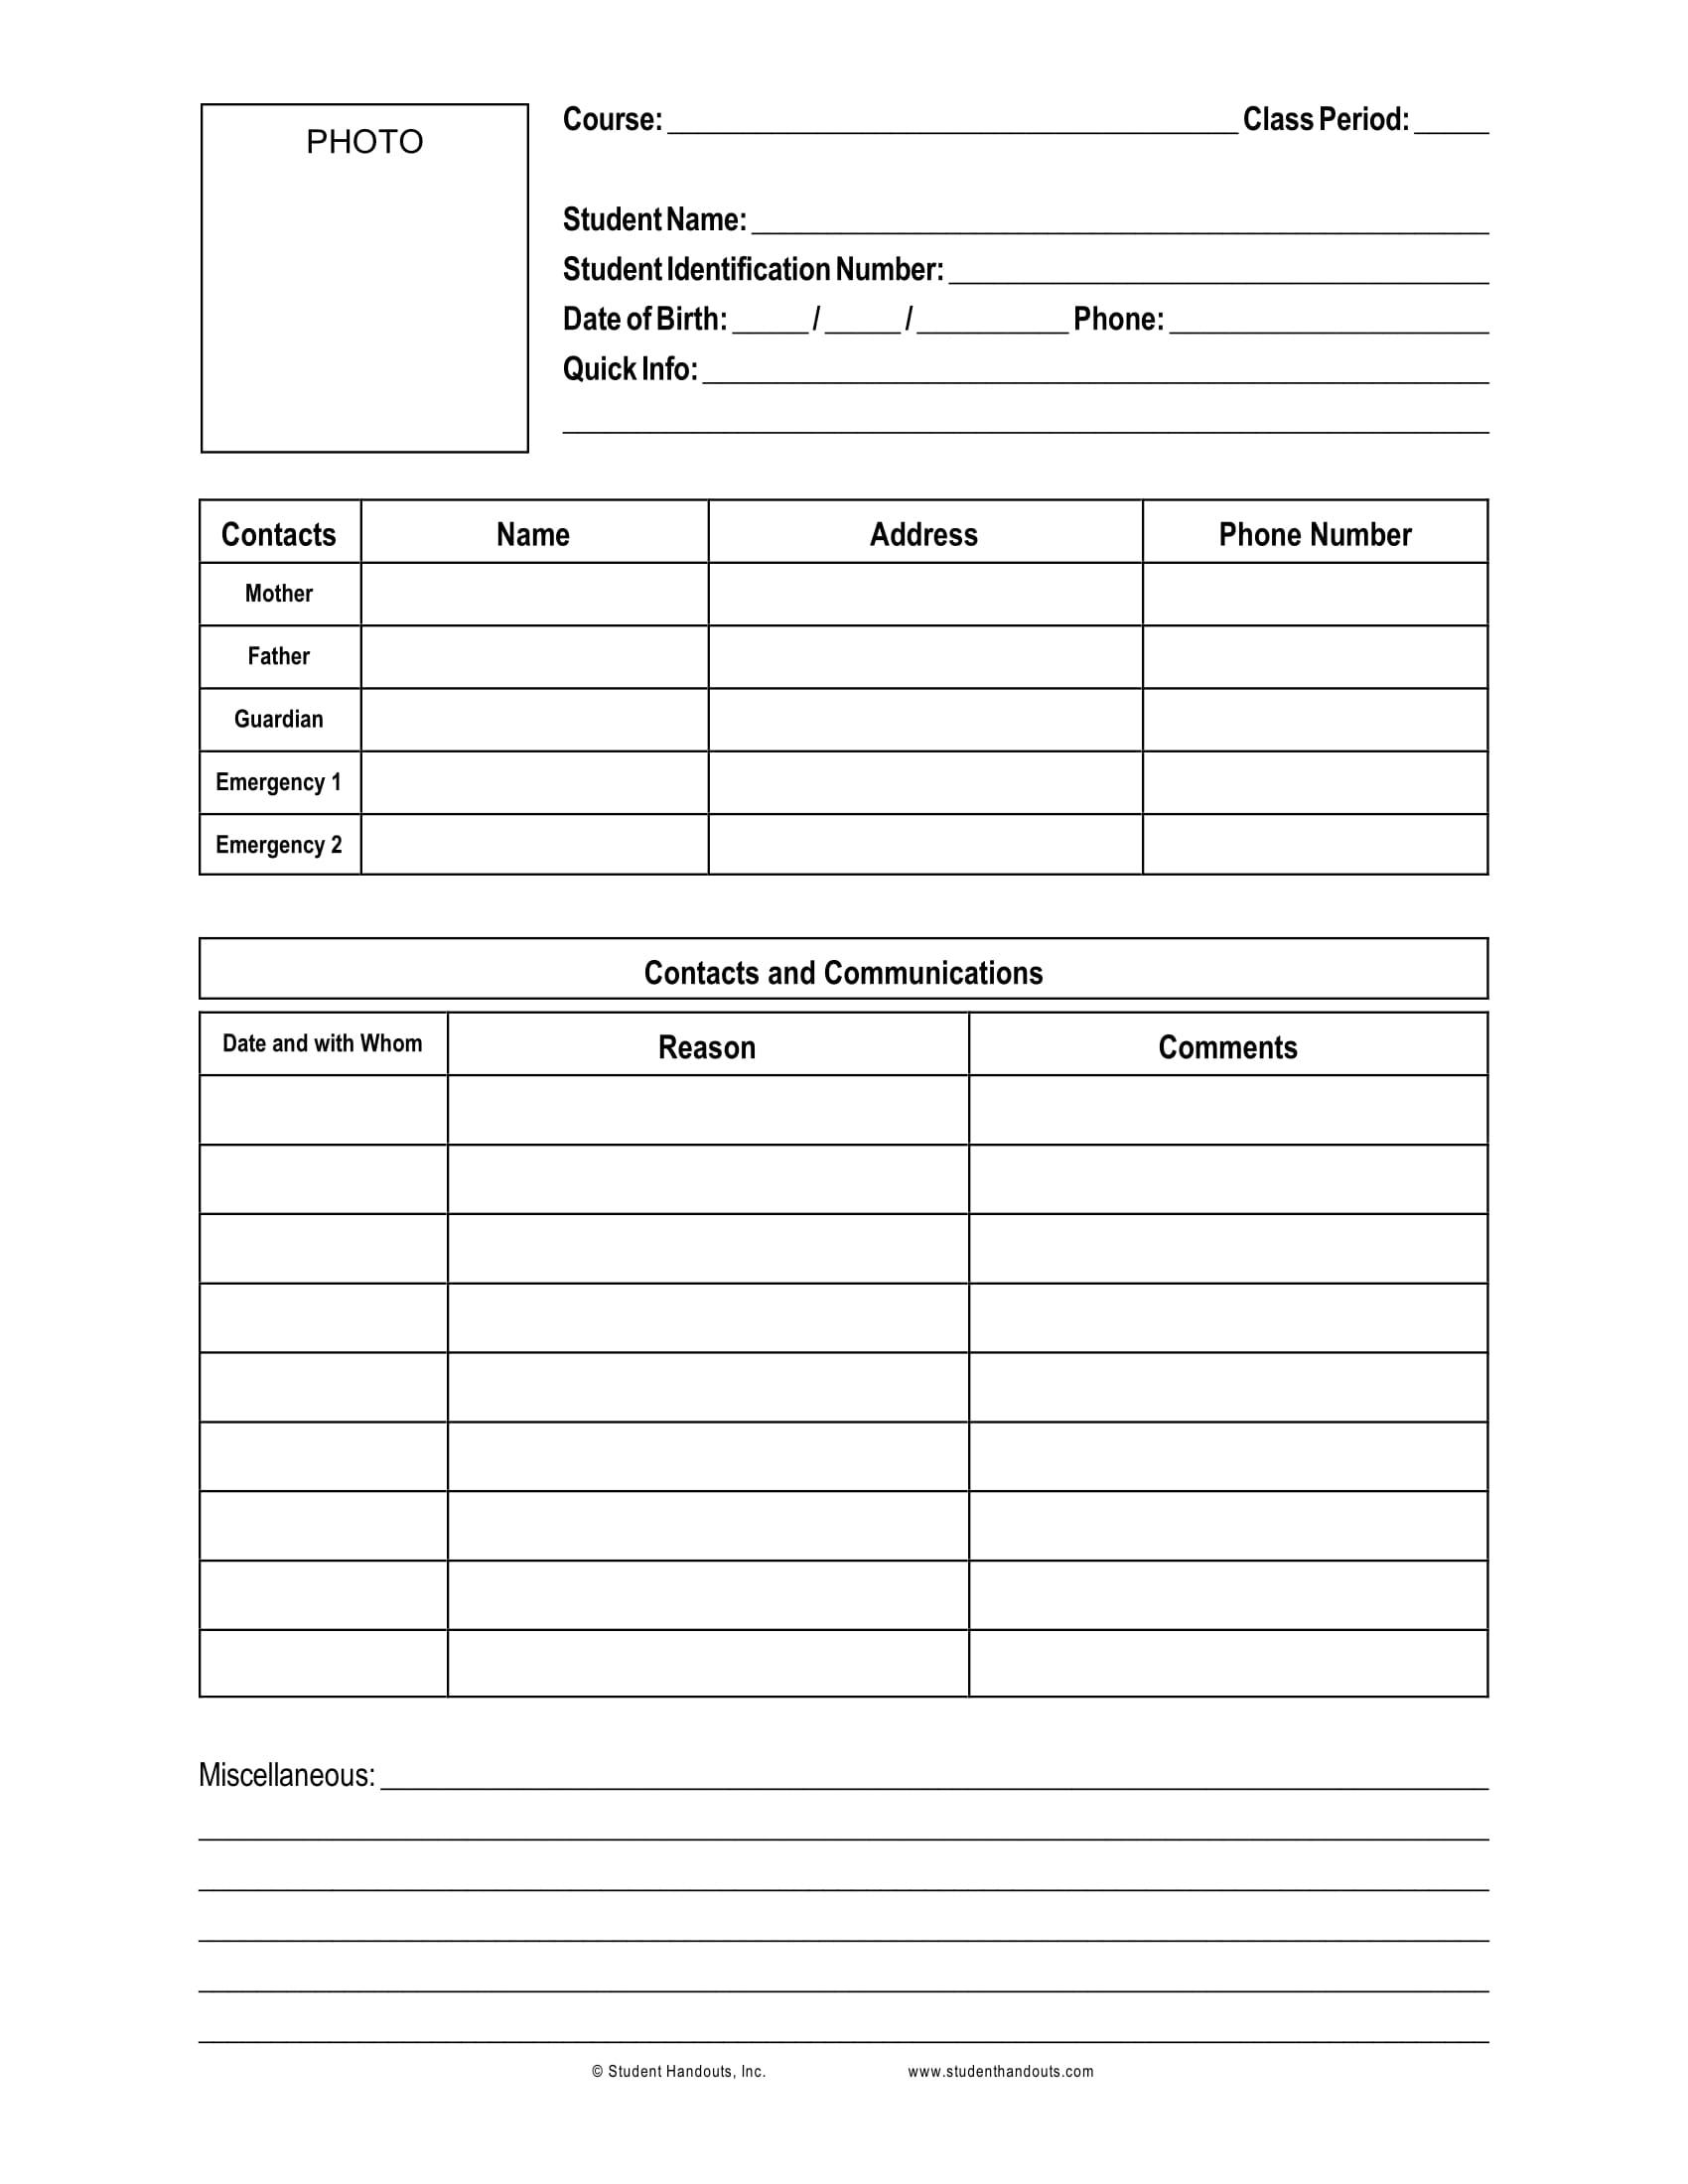 standard student information form 1